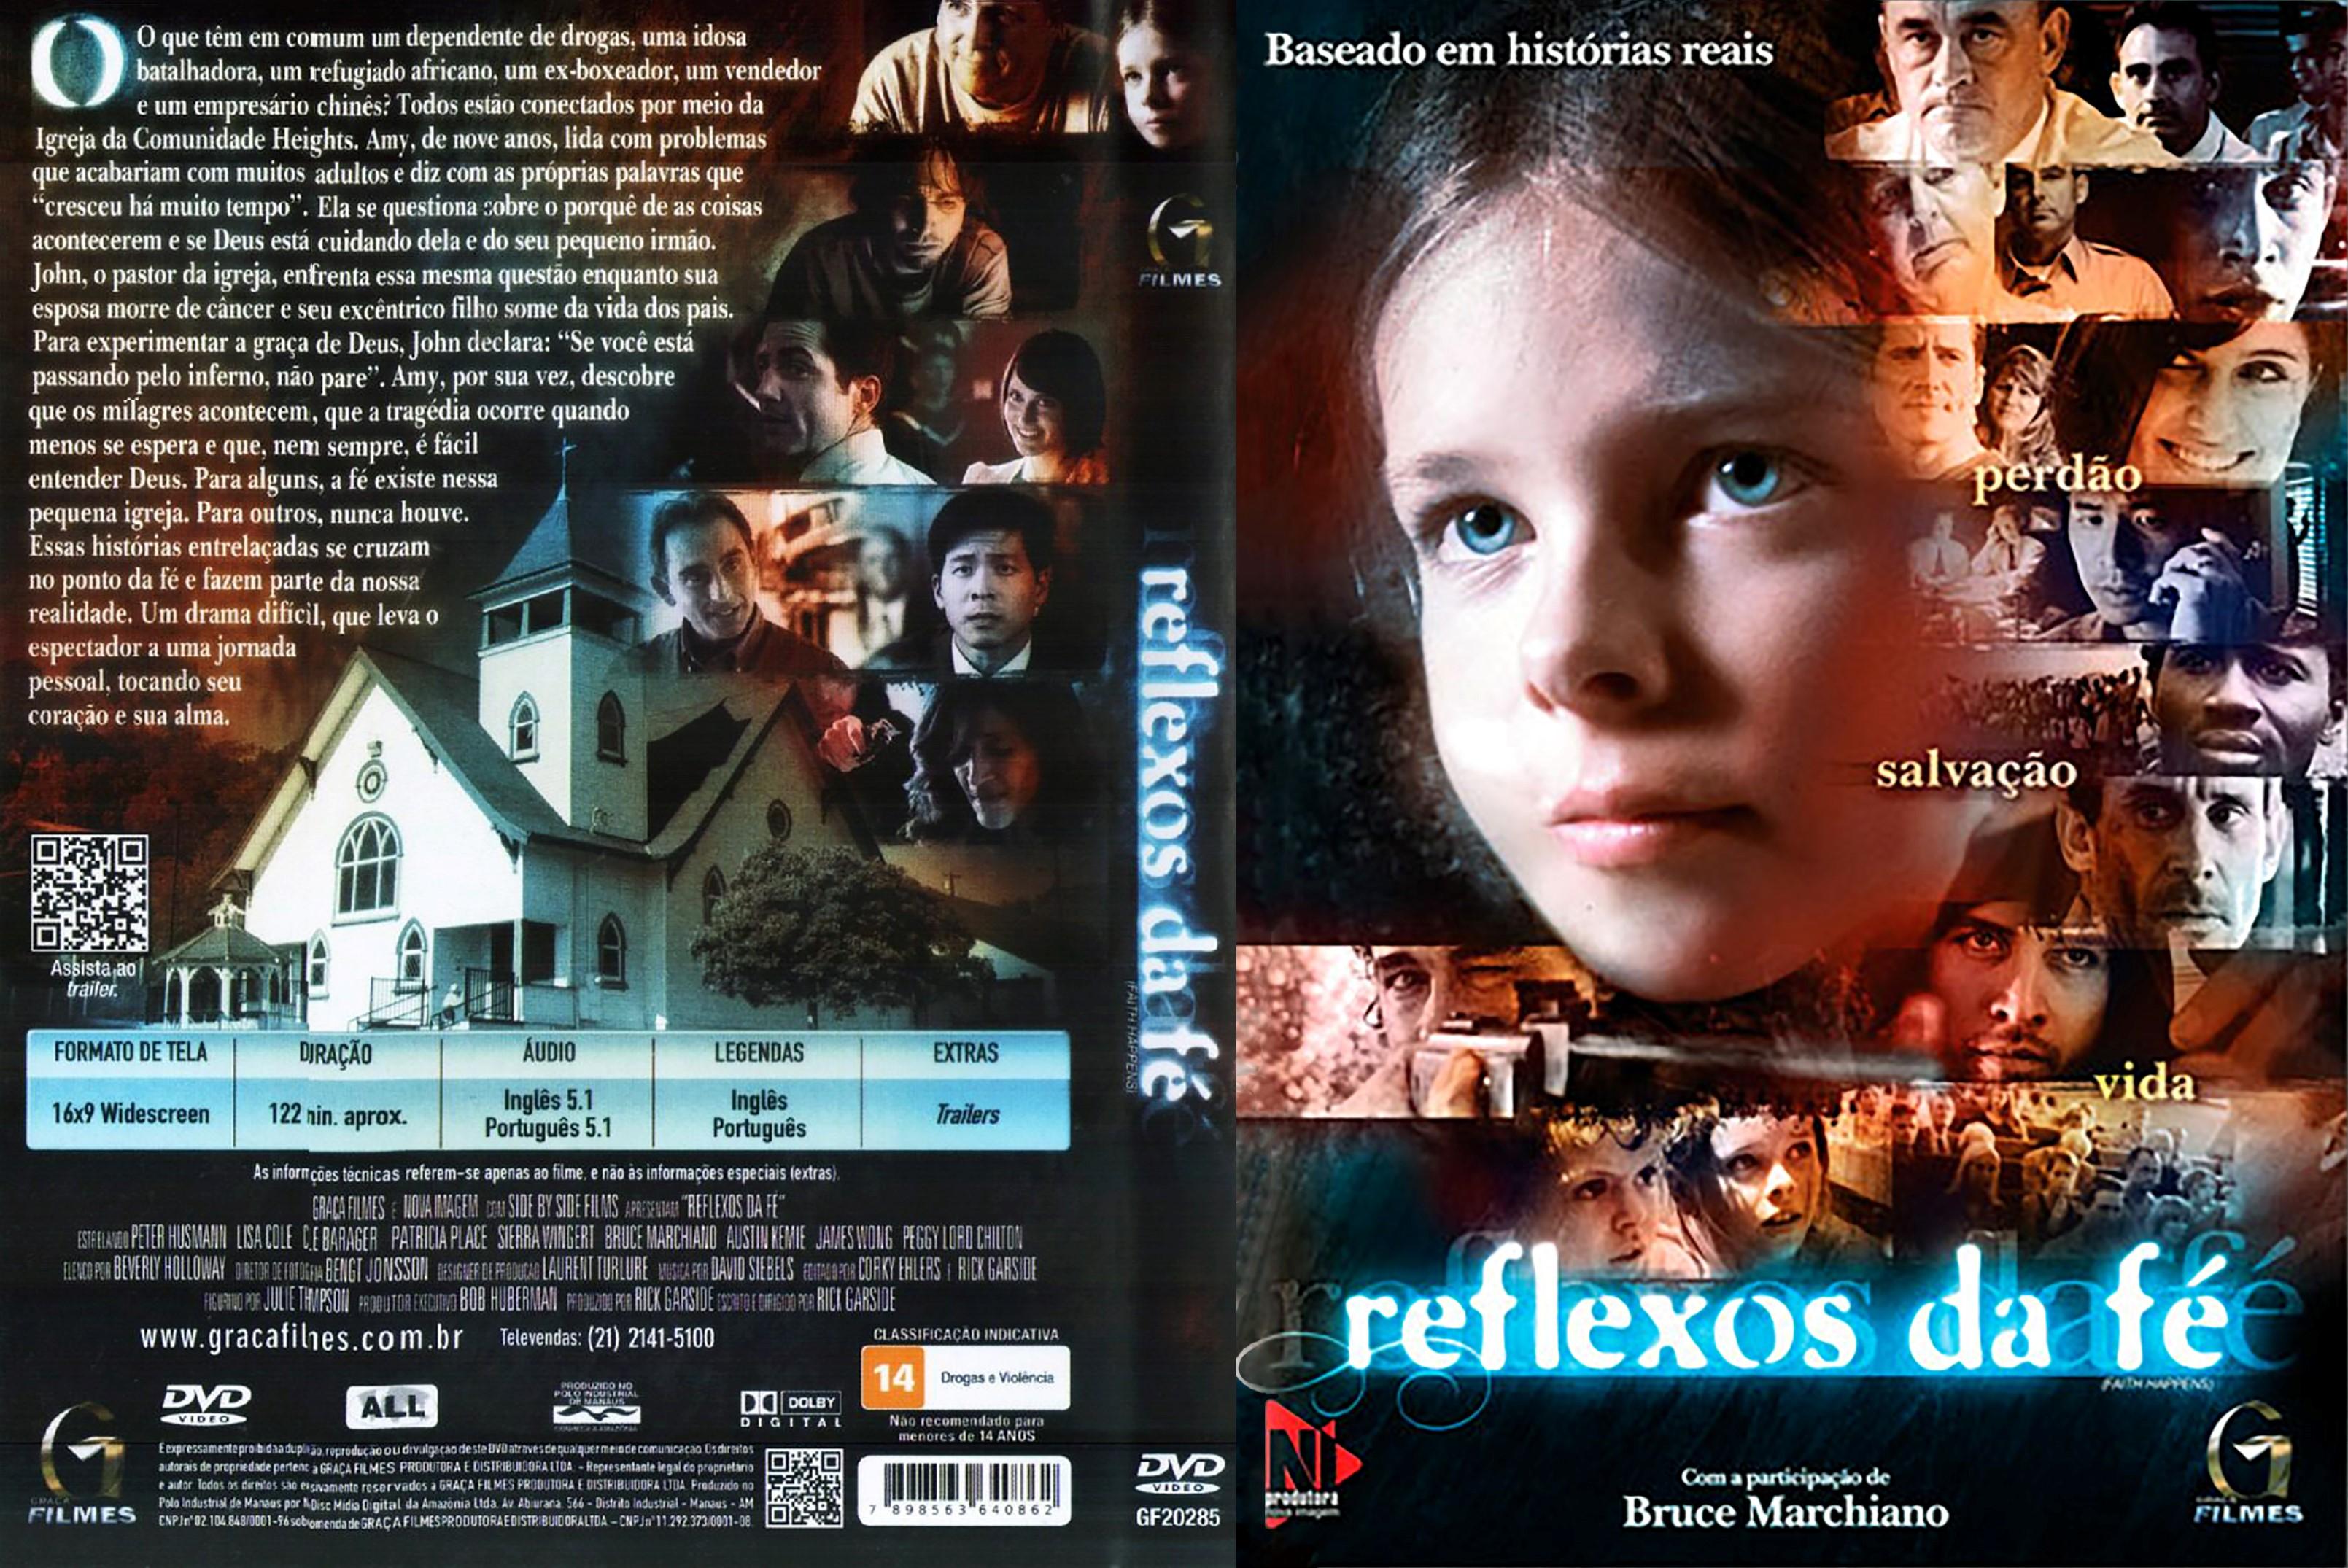 Resultado de imagem para REFLEXOS DA FÉ capa